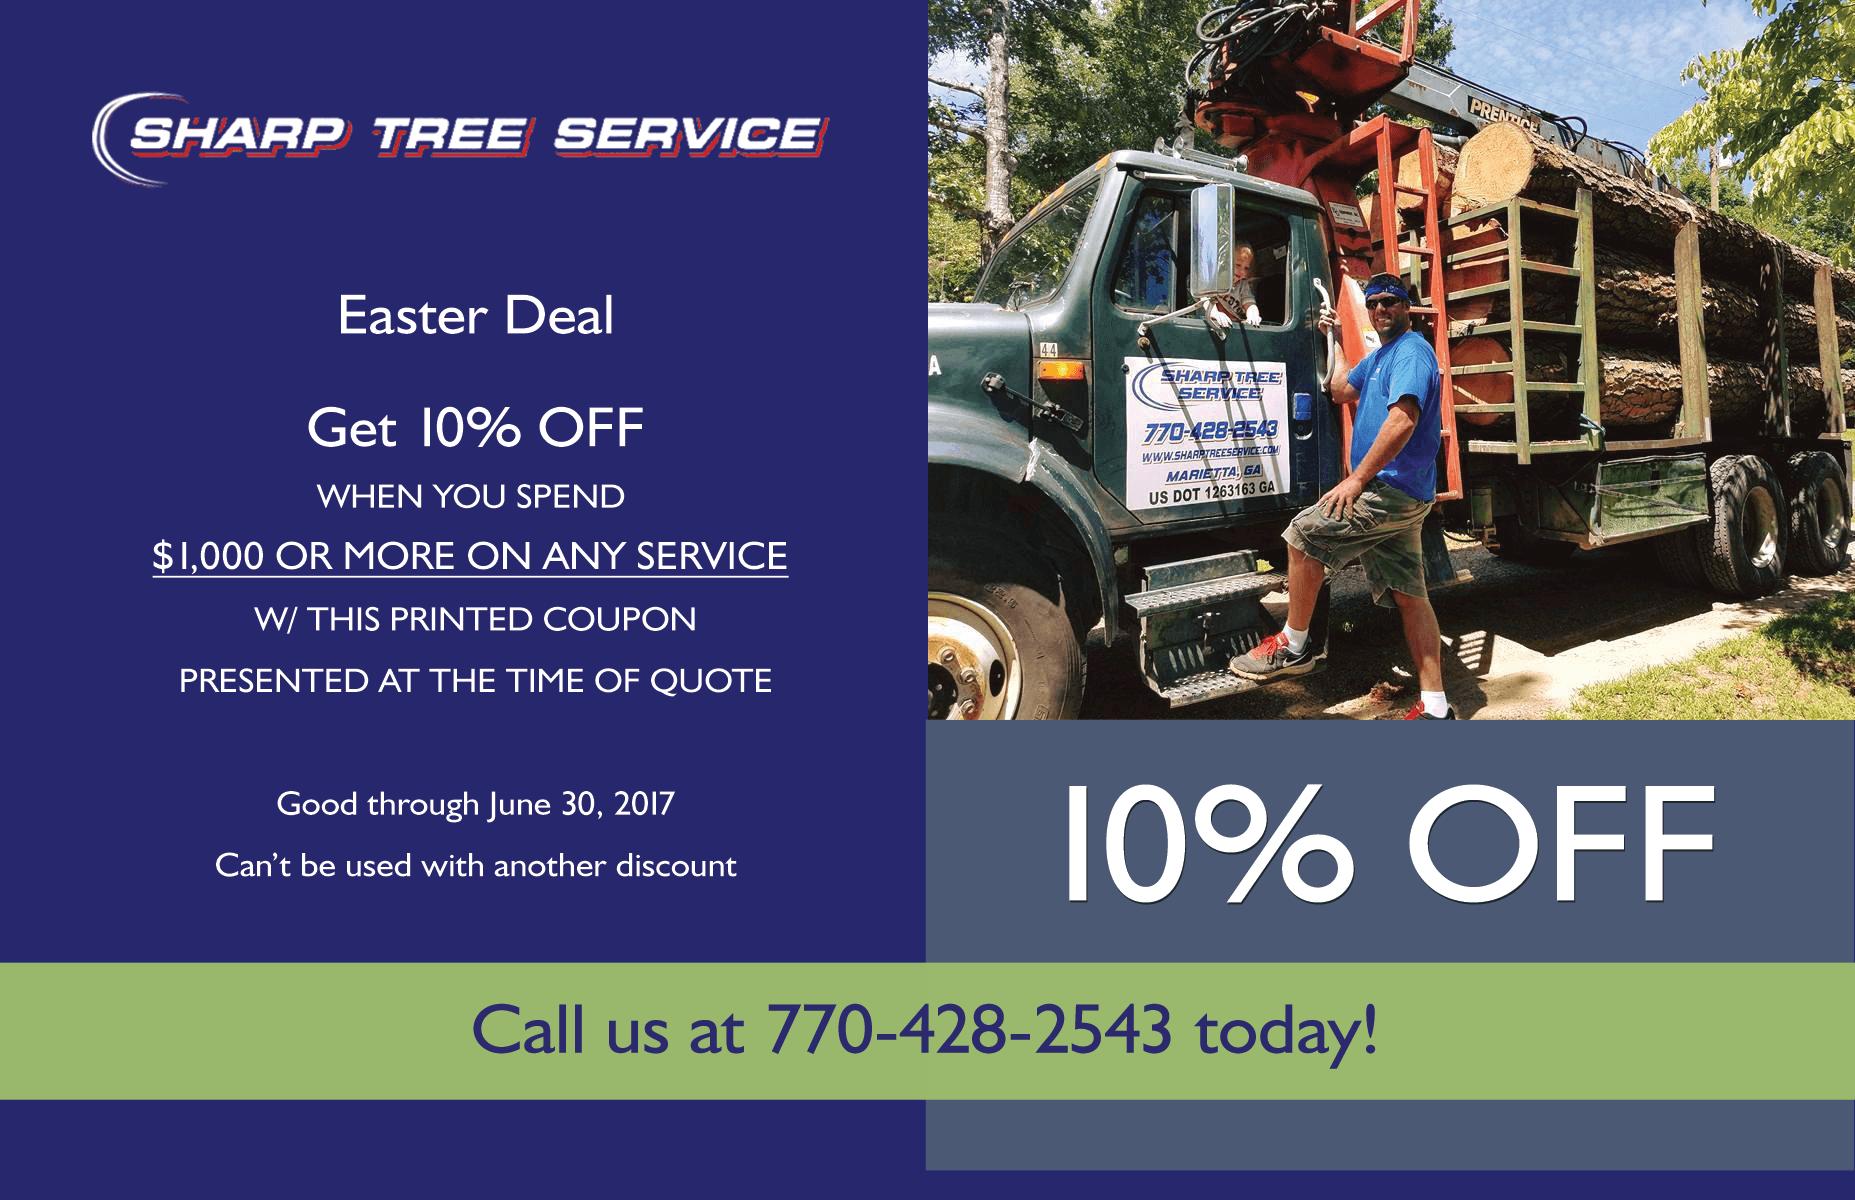 May 2017 Sharp Tree Service specials